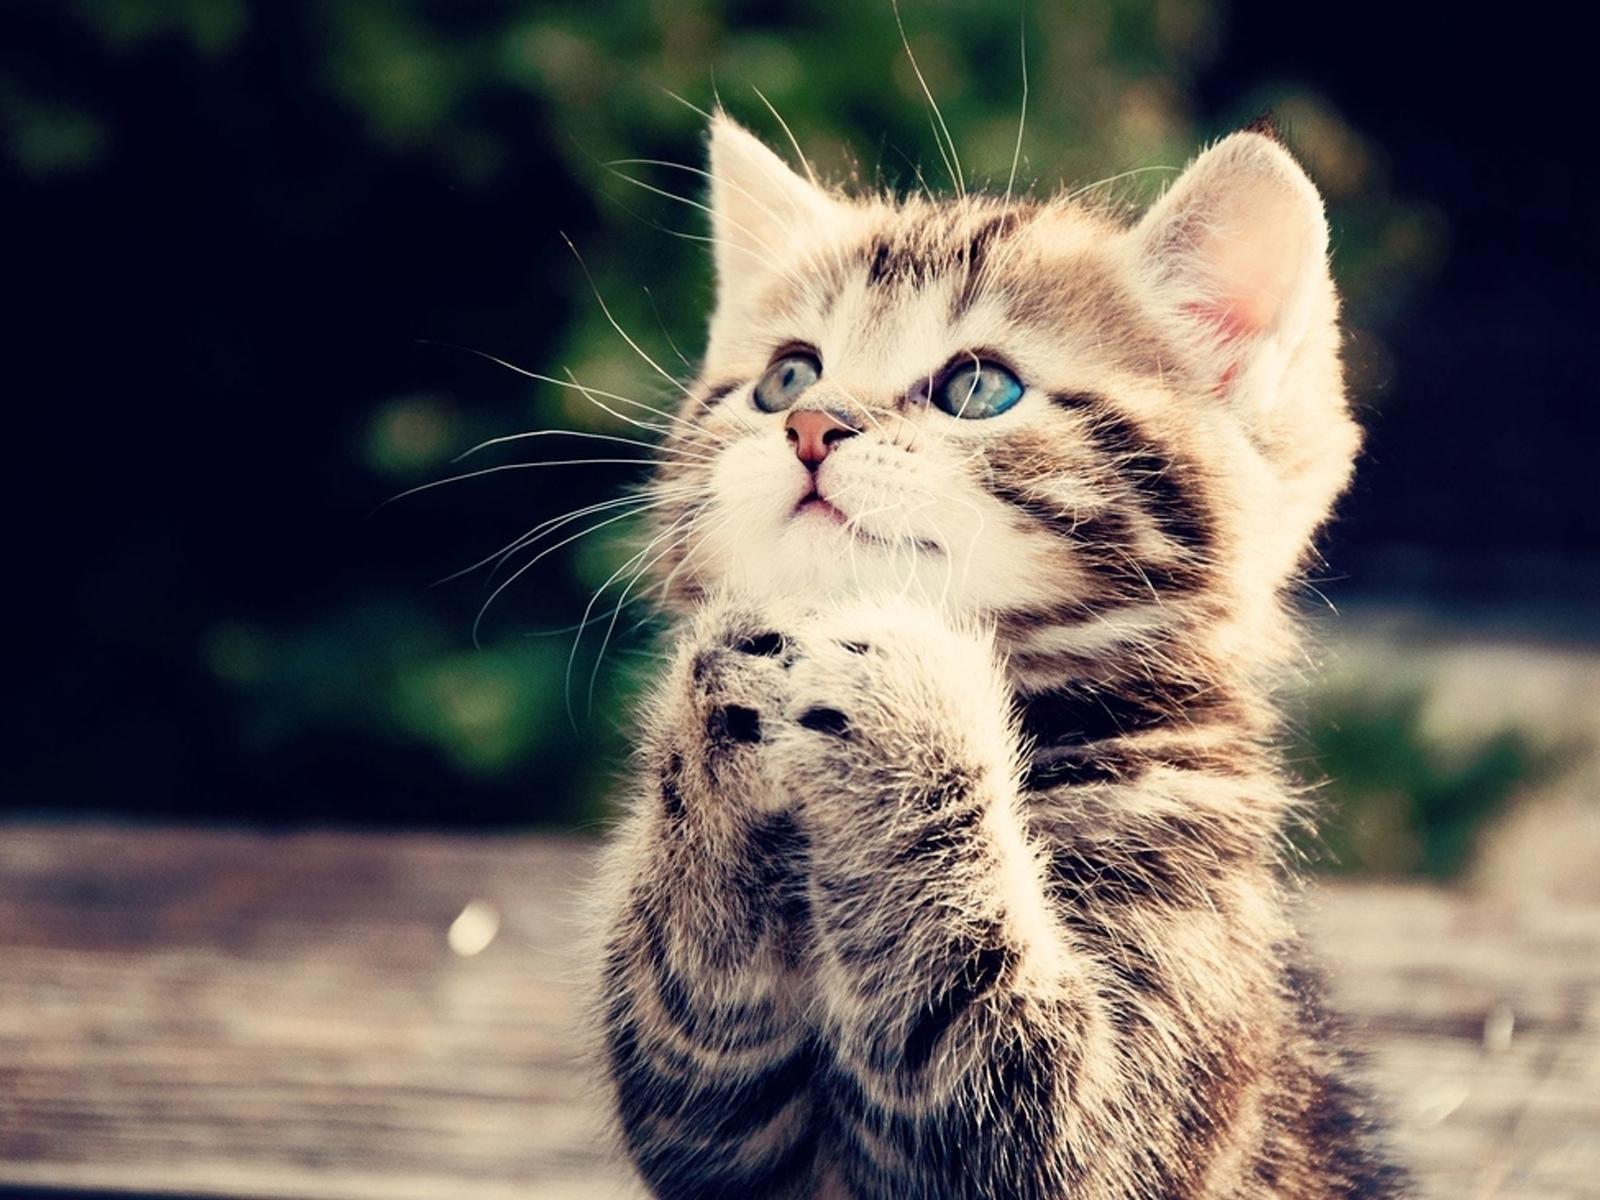 Скачать бесплатно картинки котят на телефон   лучшие заставки (6)